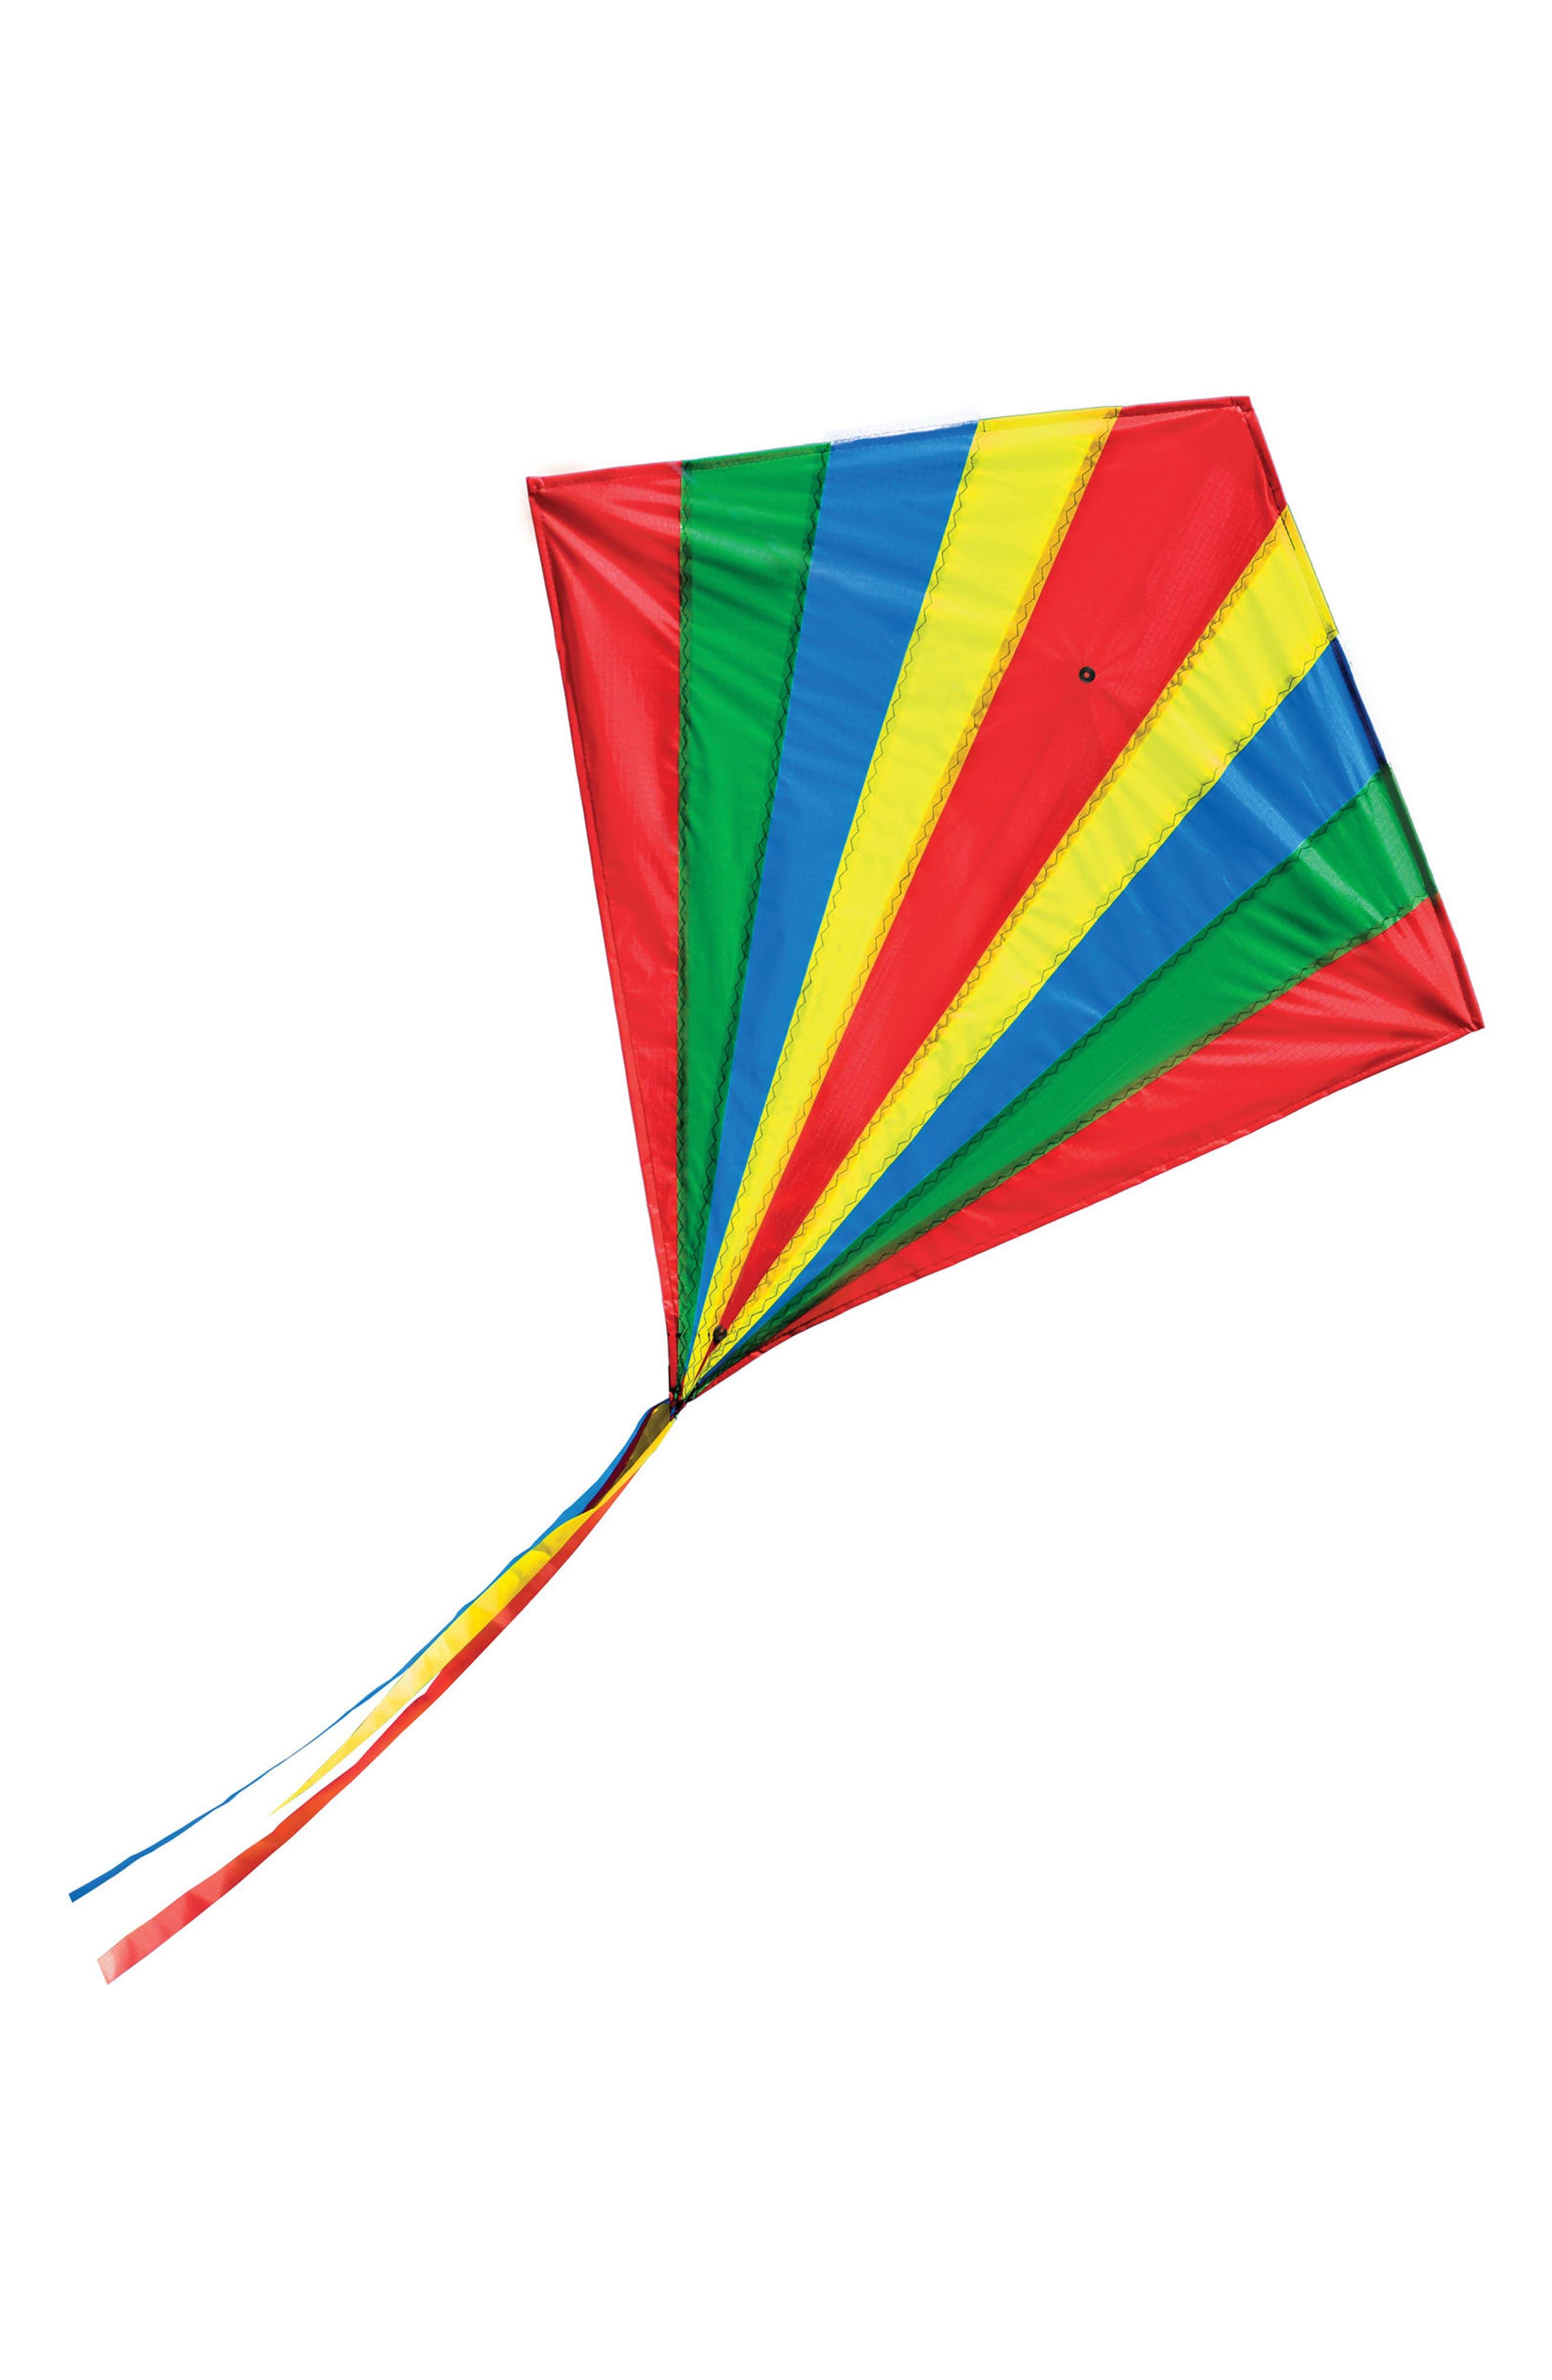 Spectrum Diamond Kite,                             Main thumbnail 1, color,                             600